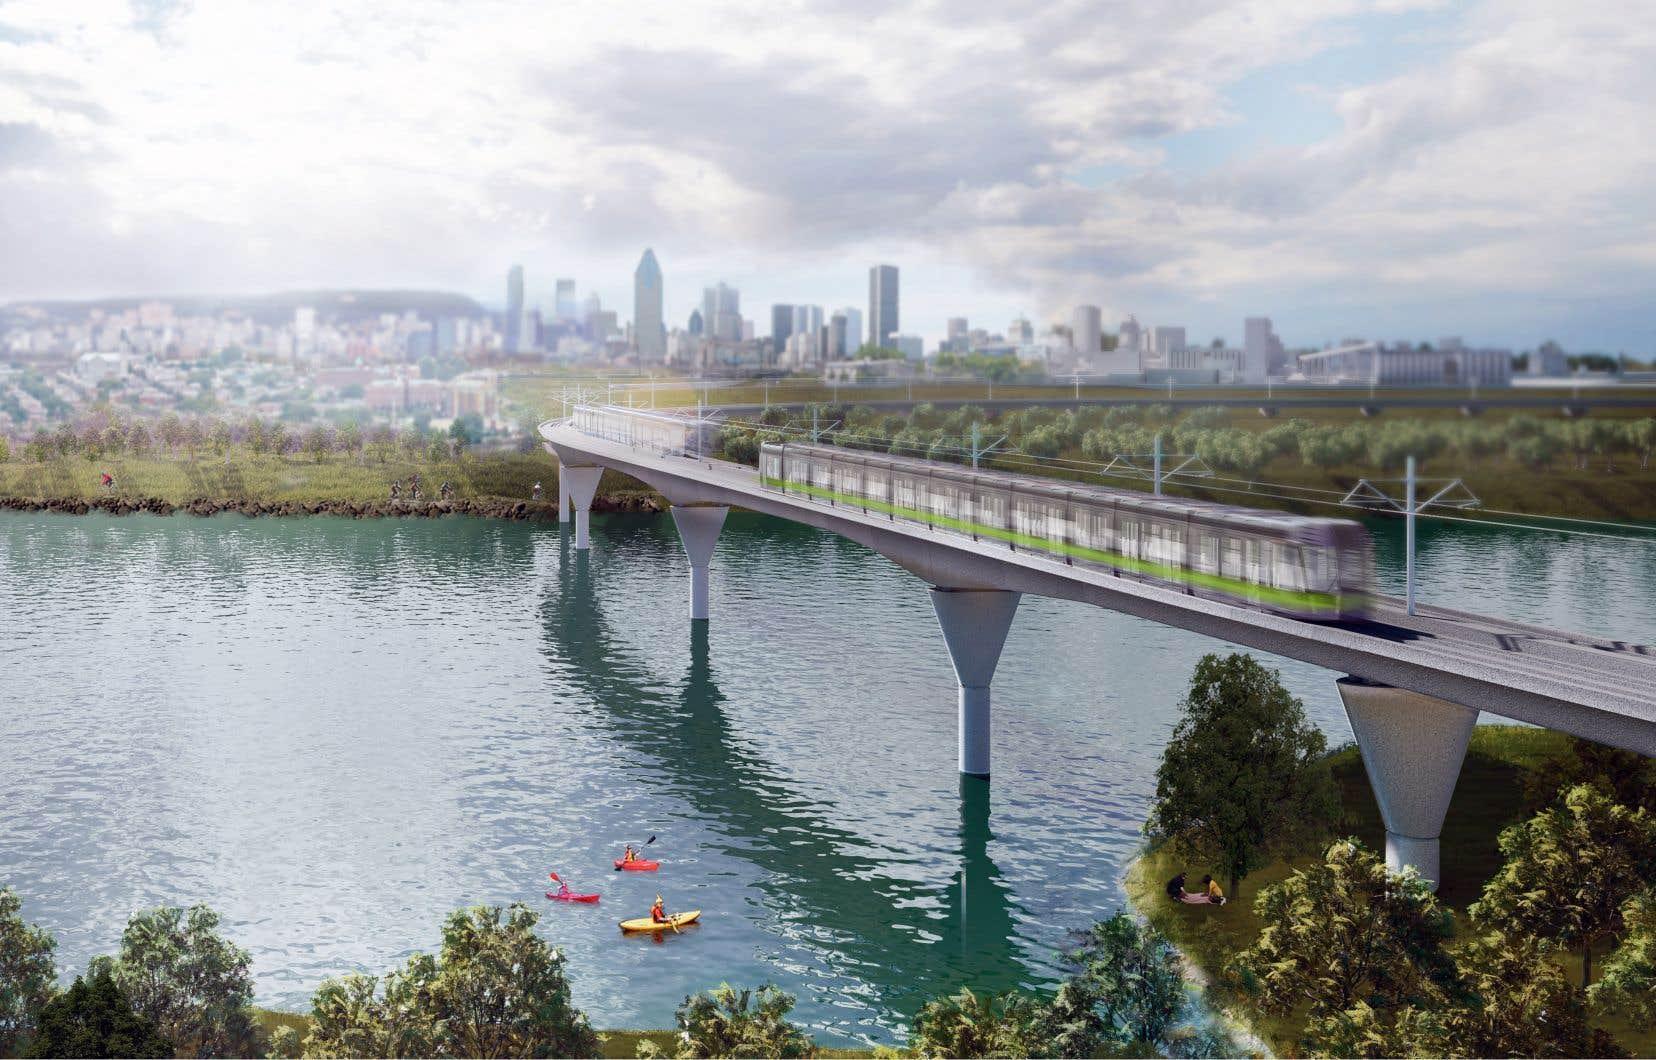 Le chantier du Réseau express métropolitain a été lancé à la fin avril à Montréal et doit entrer en service en 2021.